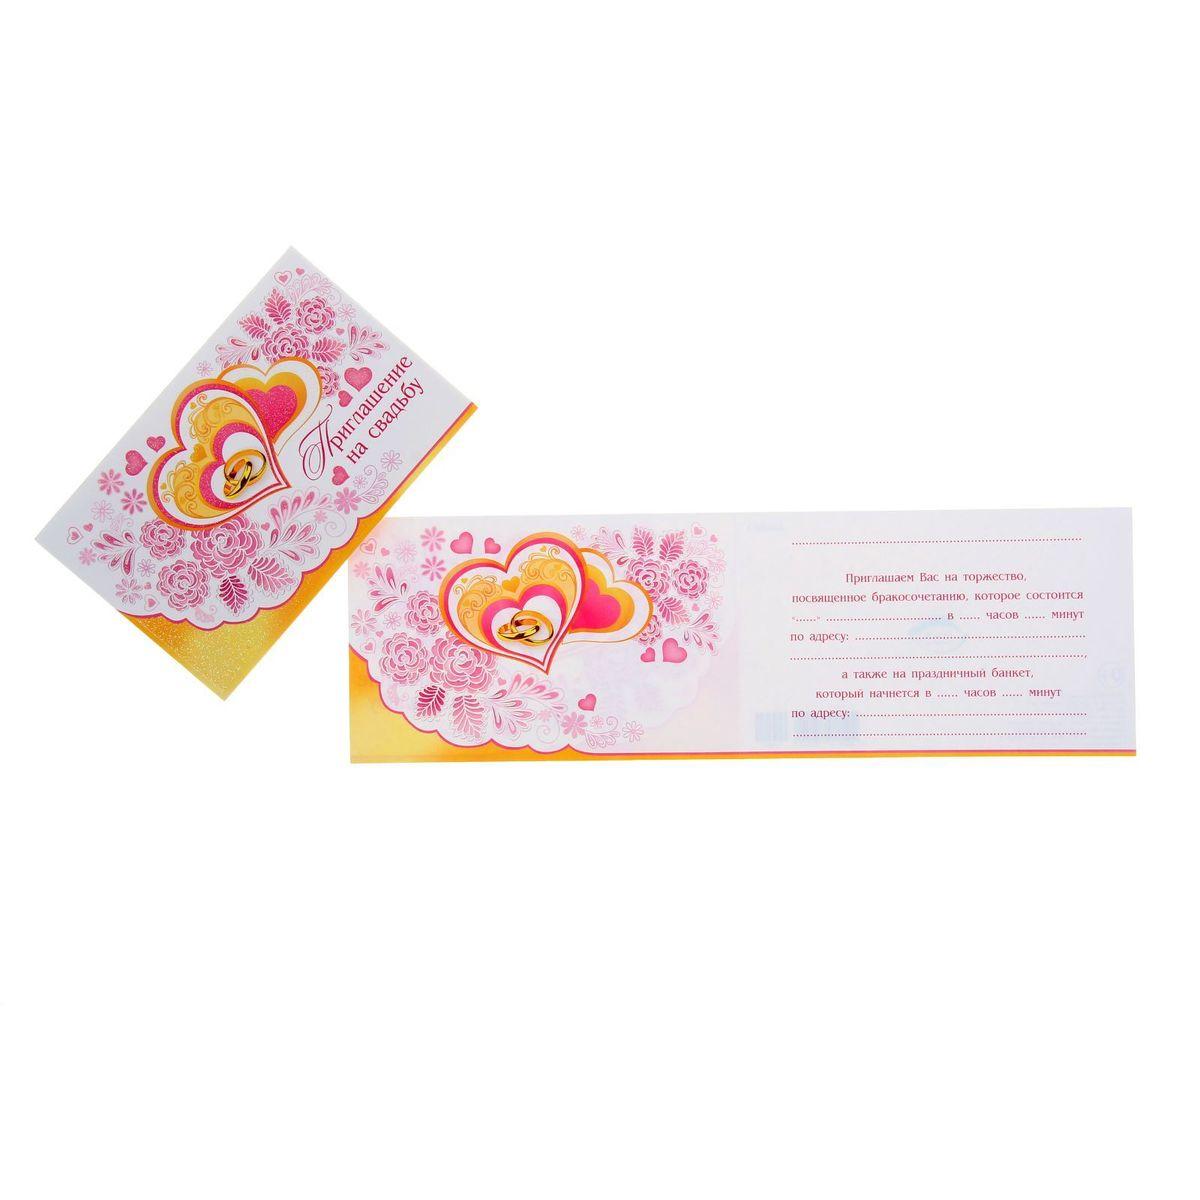 Приглашение на свадьбу Мир открыток Сердечки и кольца1142710Приглашение на свадьбу Мир открыток Сердечки и кольца, выполненное из картона, отличается не только оригинальным дизайном, но и высоким качеством. Лицевая сторона изделия оформлена красивым изображением сердечек и колец, изысканным цветочным узором и дополнена глиттером. Внутри содержится поле для записи имени гостя, а также даты и места бракосочетания. Приглашение - один из самых важных элементов вашего торжества. Ведь именно пригласительное письмо станет первым и главным объявлением о том, что вы решили провести столь важное мероприятие. И эта новость обязательно должна быть преподнесена достойным образом. Оригинальный дизайн, цвета и индивидуальные декоративные элементы - вот успех такого приглашения для свадьбы.